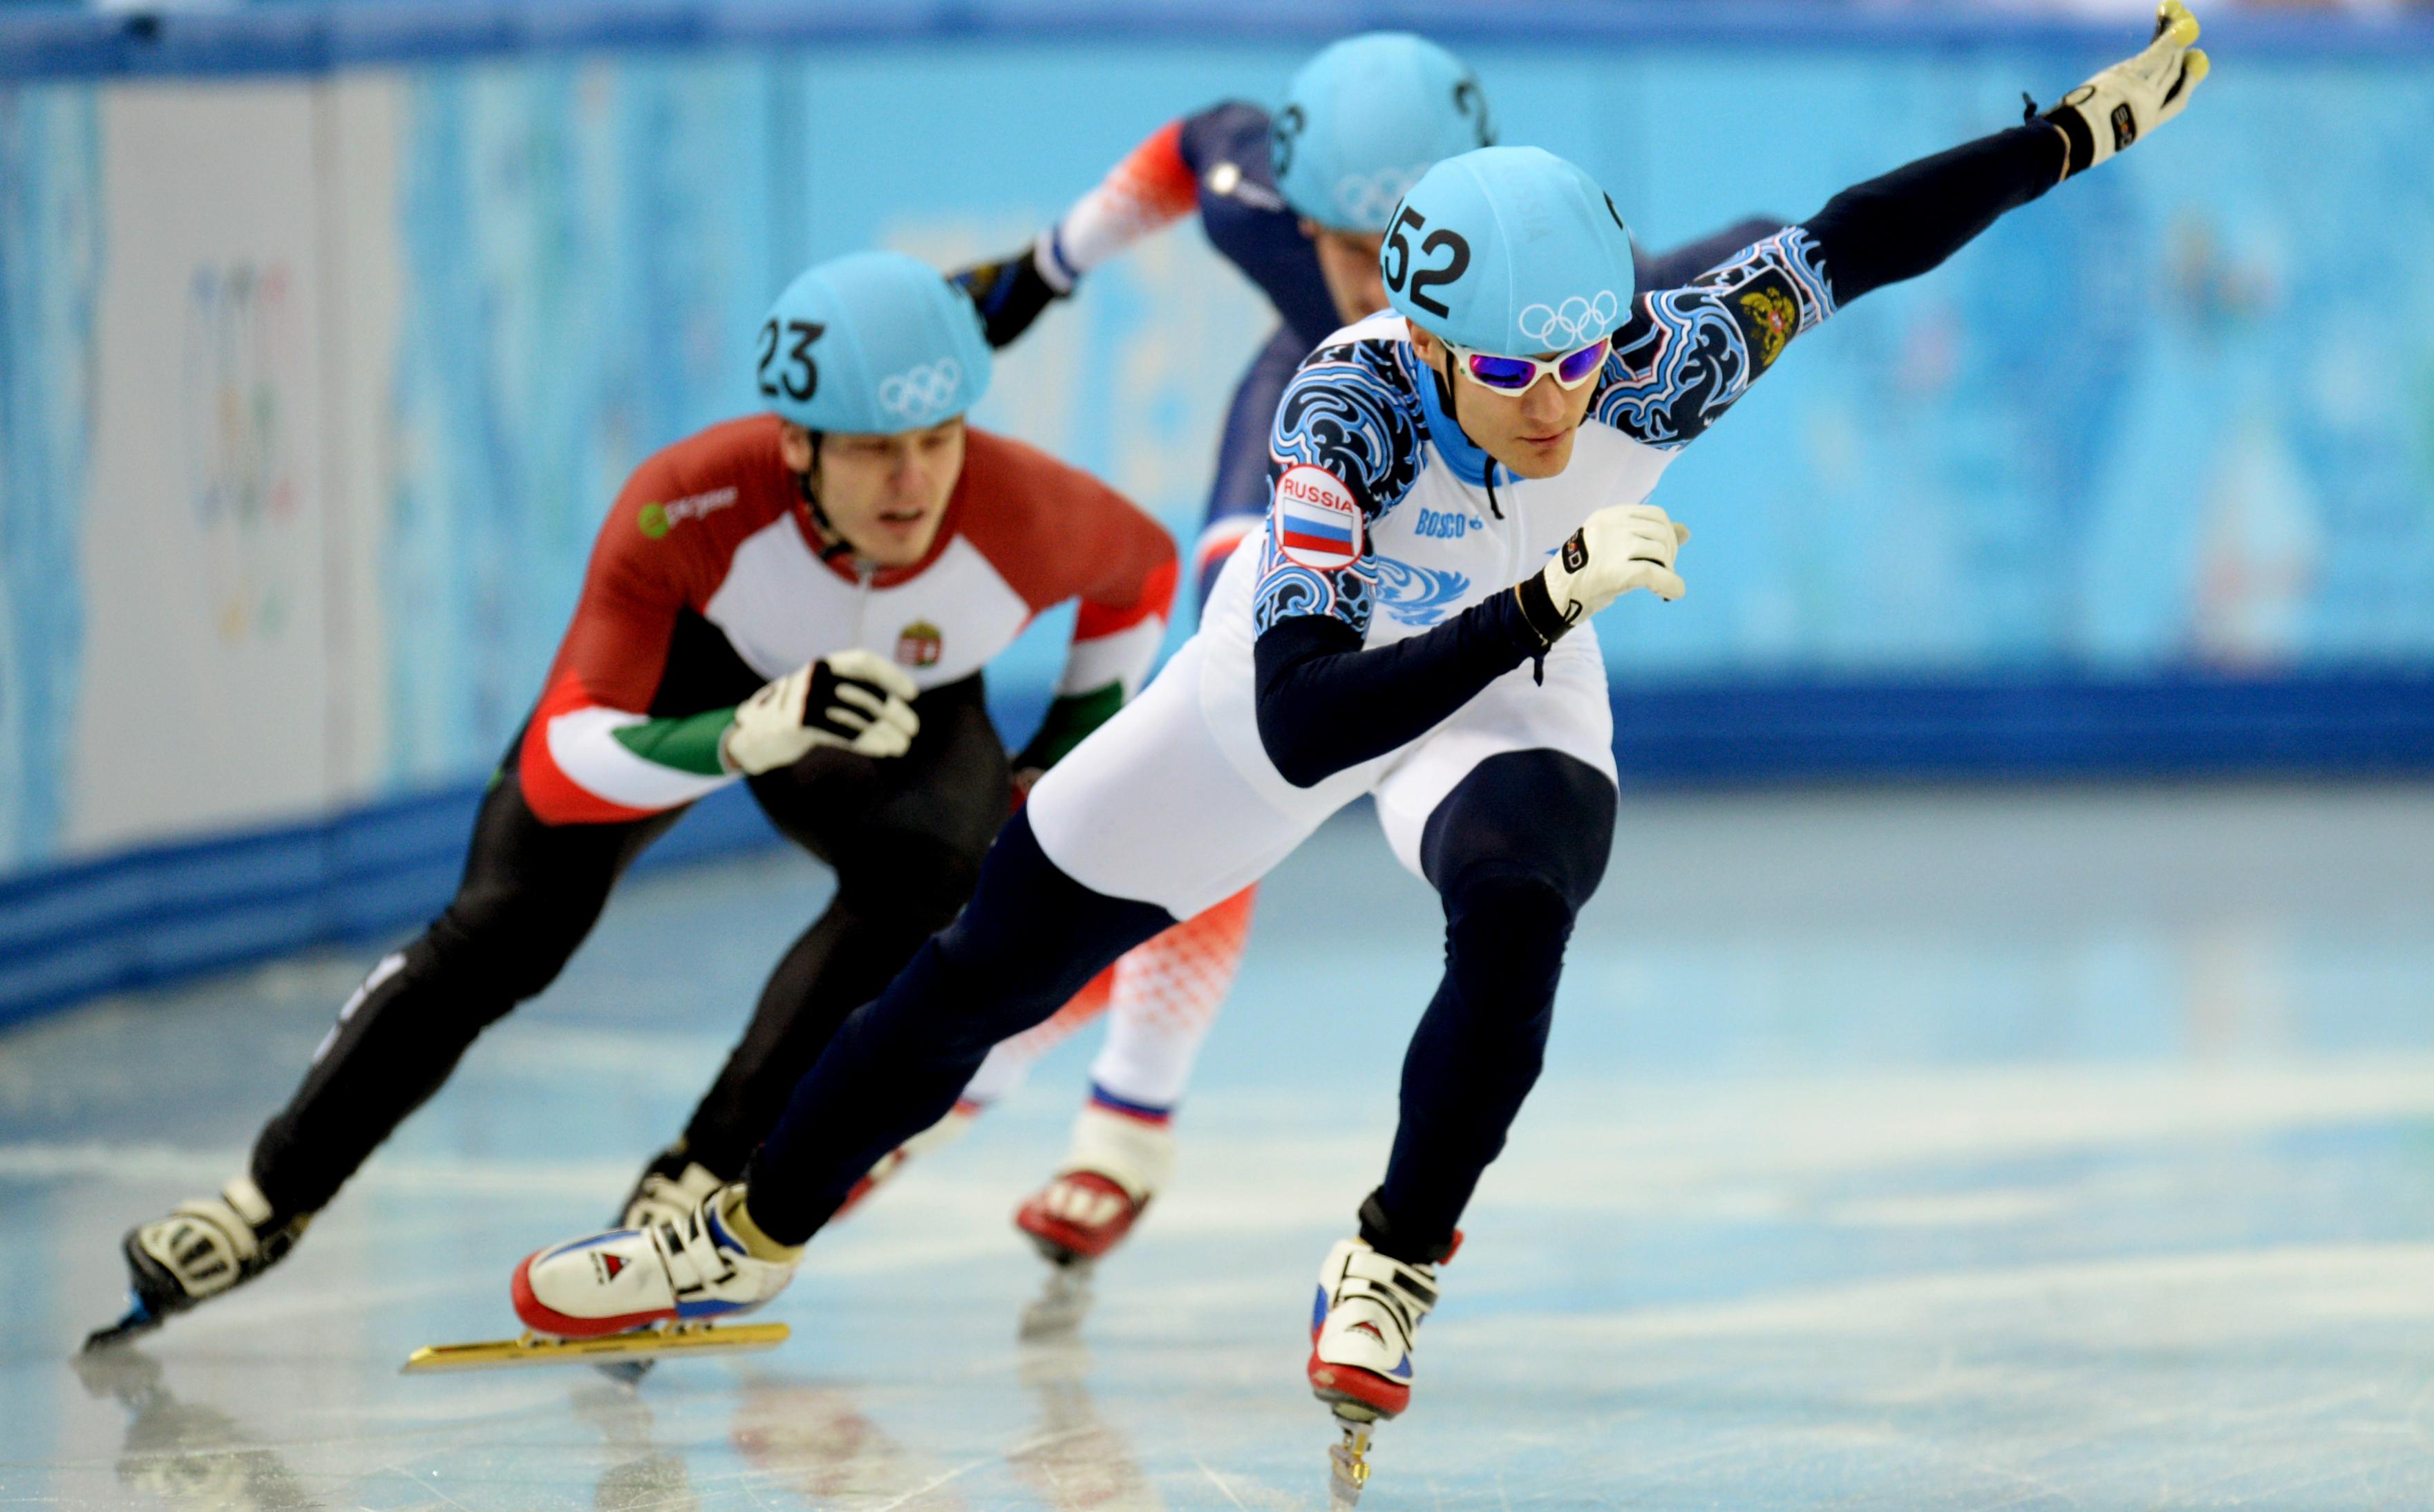 фотографии зимних видов спорта васаби отнюдь пример